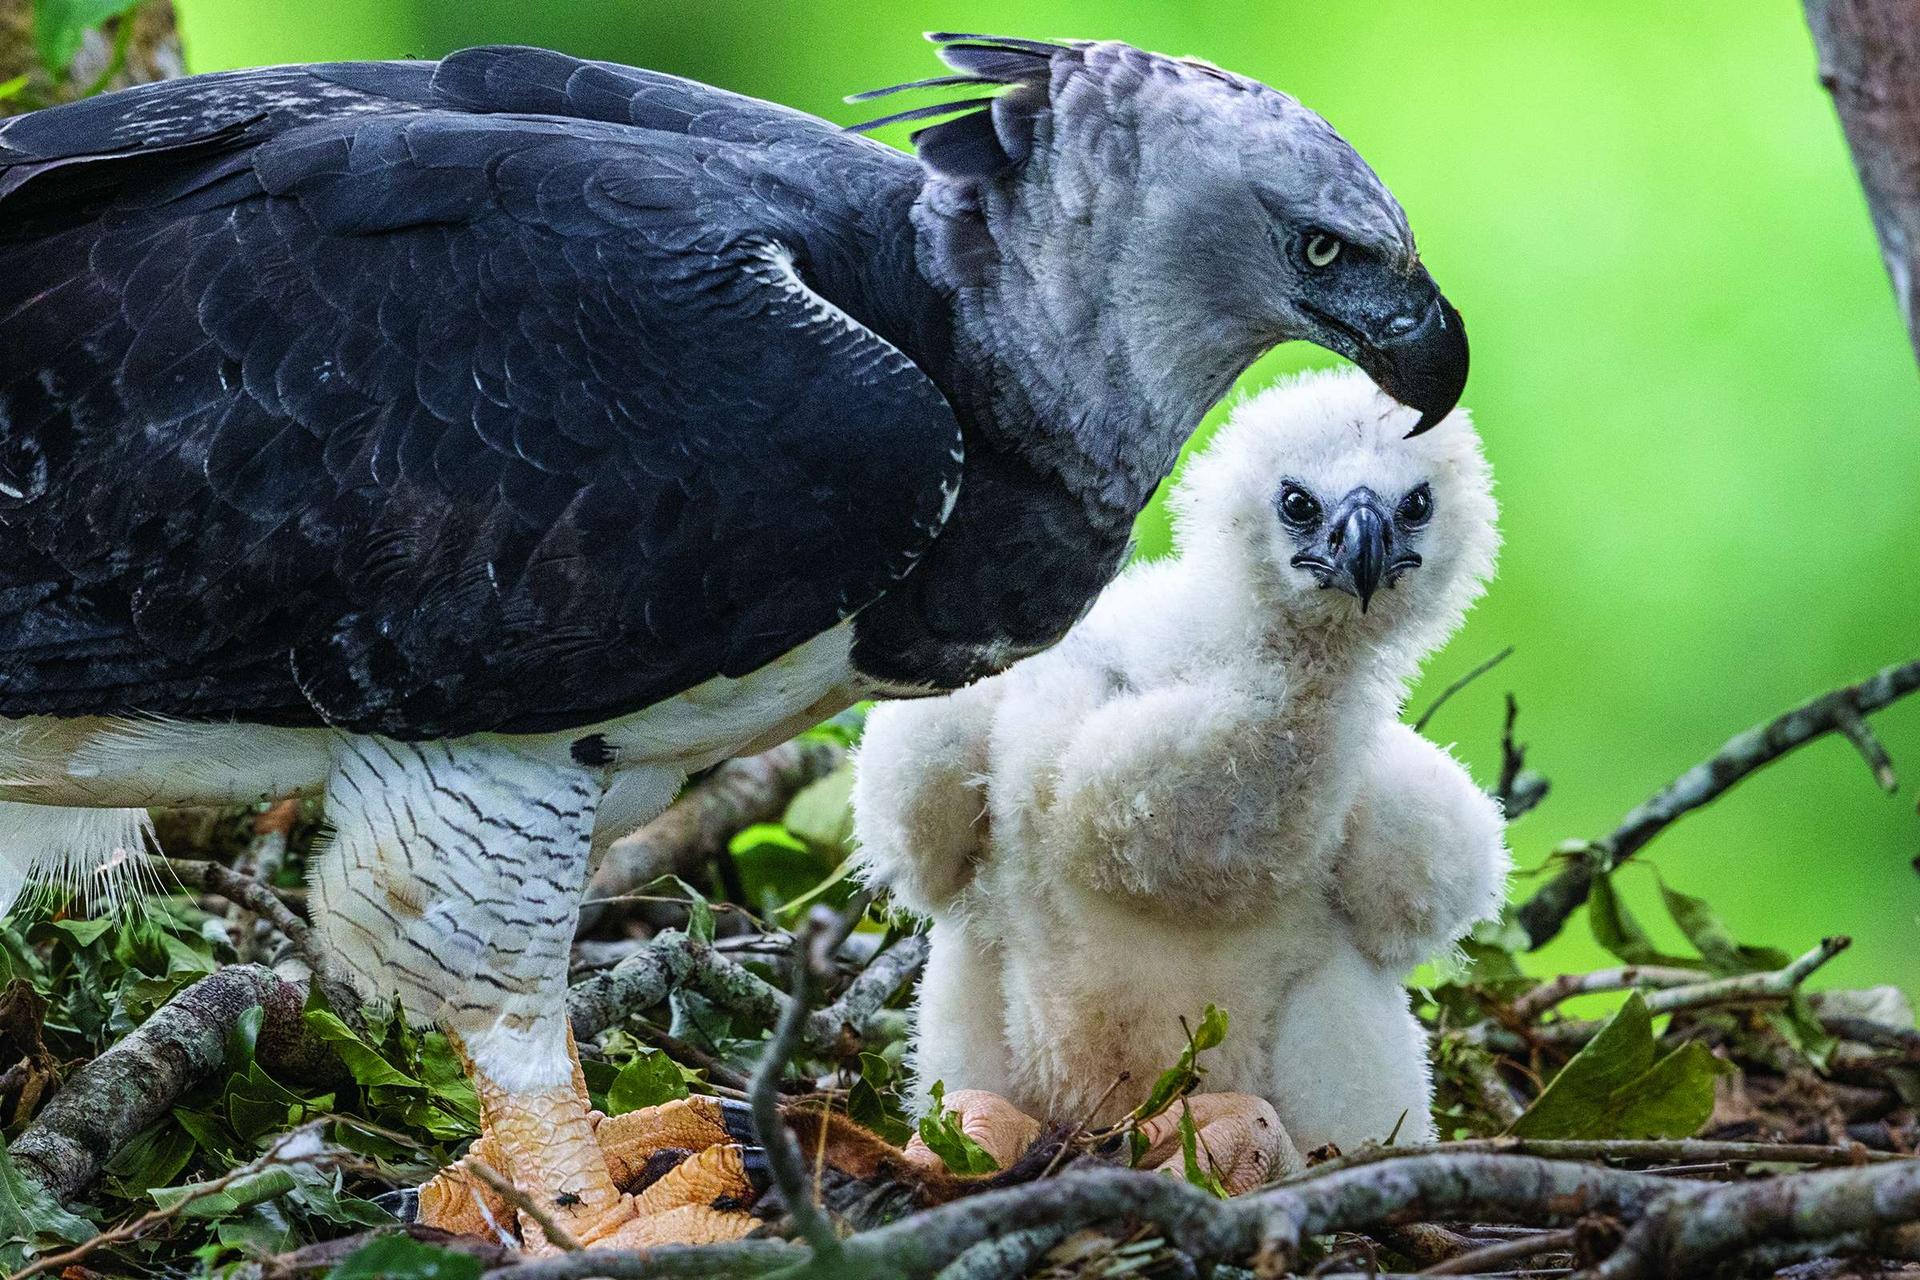 巴西亞馬遜地區的一隻角鵰在巢中守護牠的雛鳥。雌鳥體型比雄鳥大,體重可達11公斤,爪子通常比灰熊的還要大。自19世紀以來,角鵰在中南美洲的分布範圍已經減少了40%以上。攝影:凱琳.艾格納 KARINE AIGNER